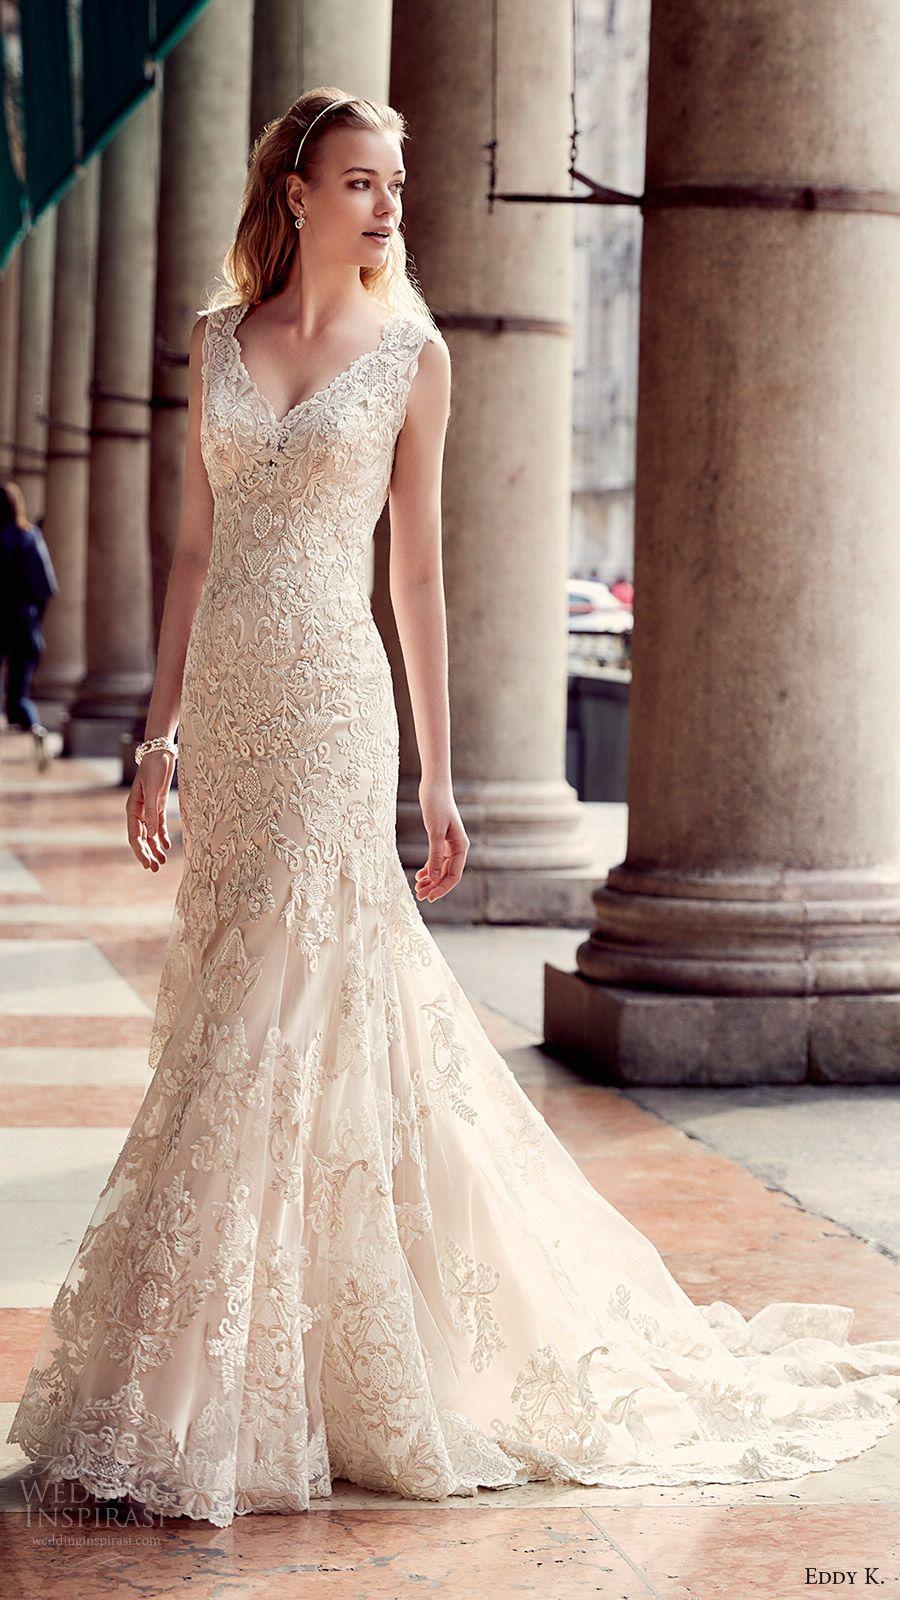 Eddy k wedding dresses u milano bridal collection wedding